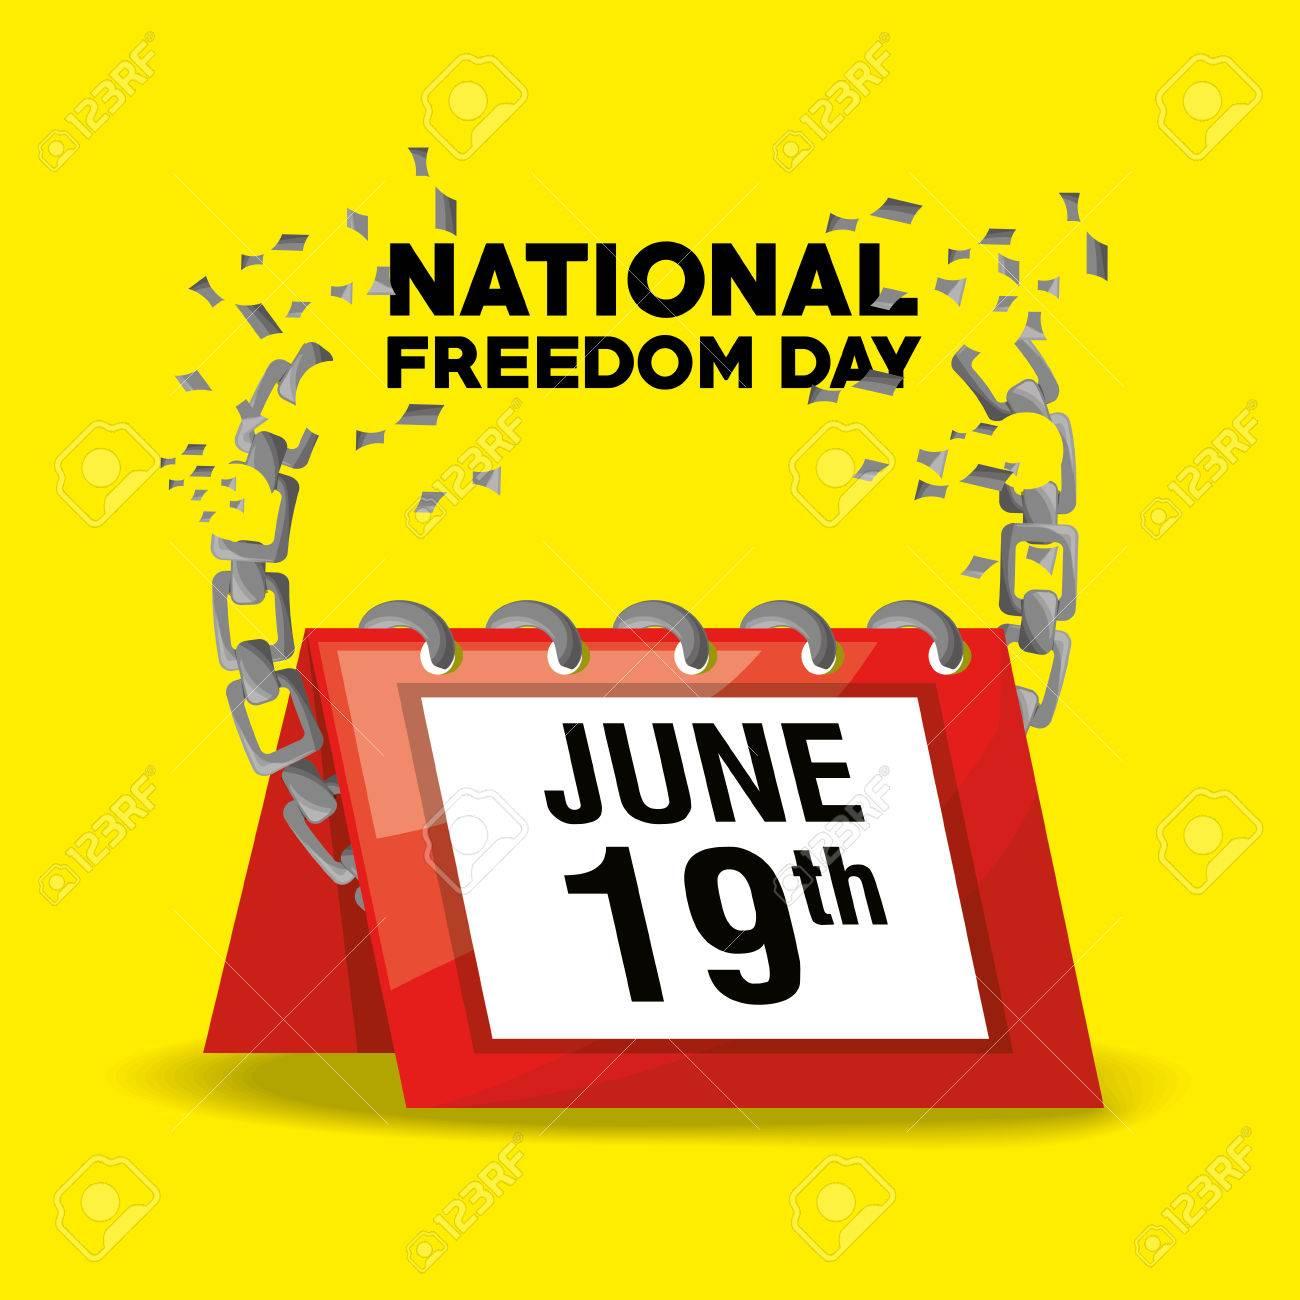 Nazionale Calendario.Giorno Di Liberta Nazionale Con Calendario E Catena Illustrazione Vettoriale